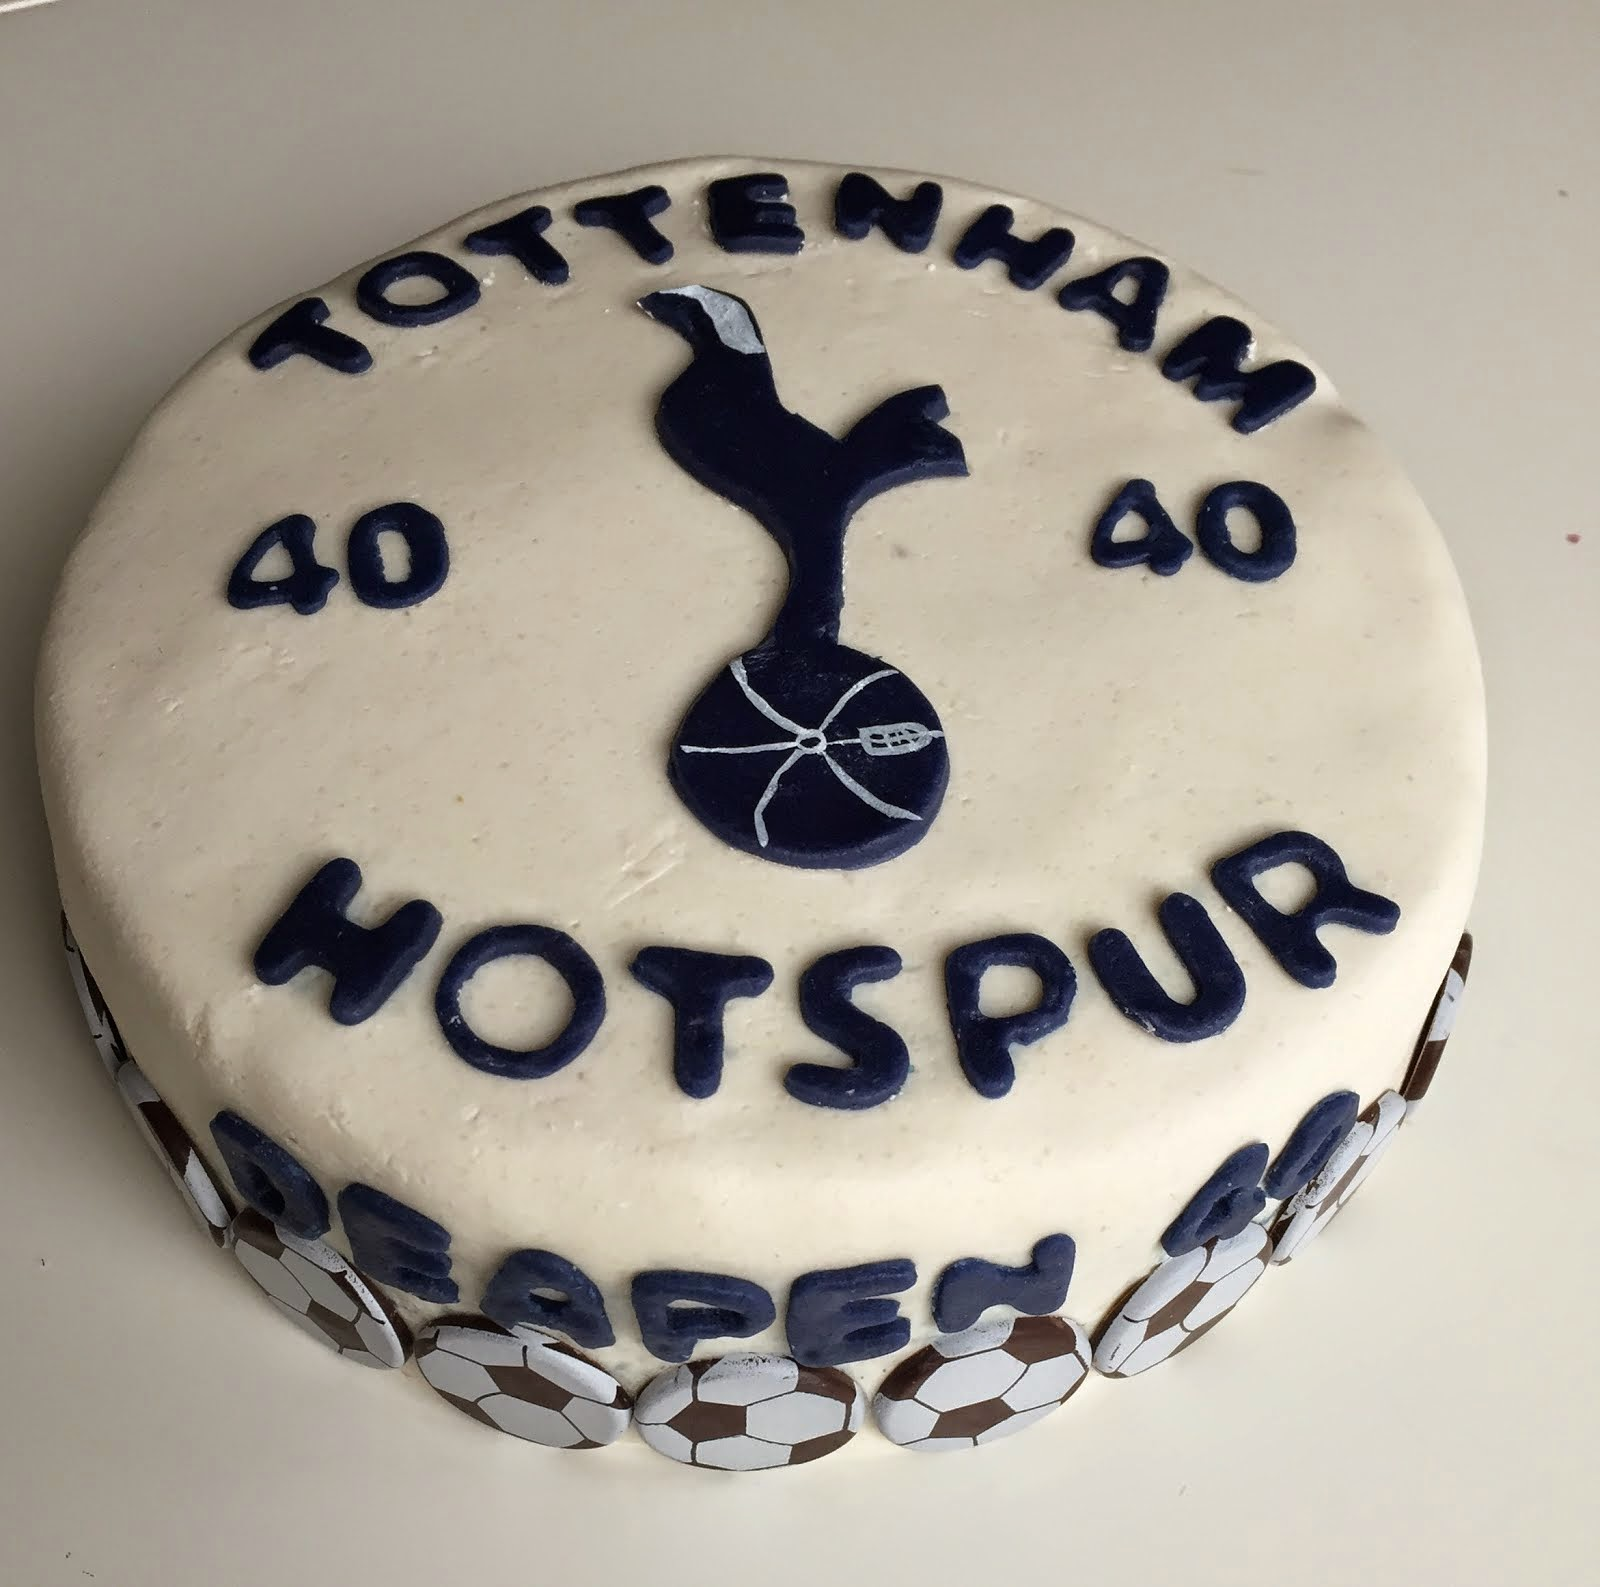 Tottenhamtårta